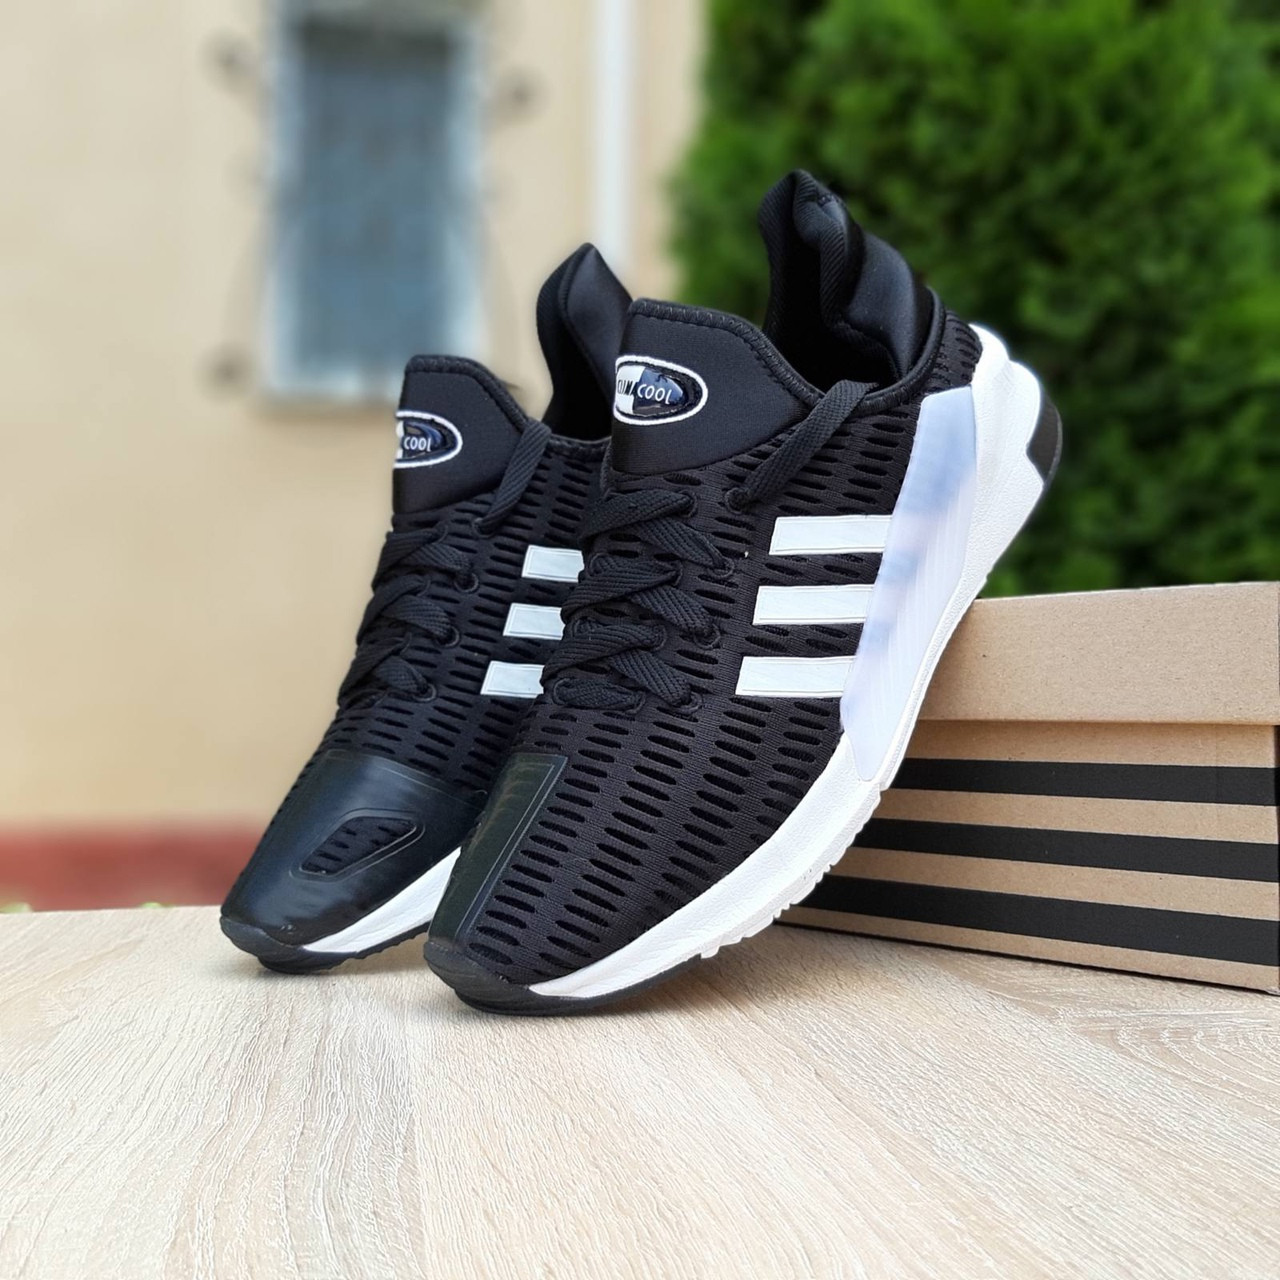 Кроссовки распродажа АКЦИЯ 550 грн Adidas Climacool  41й(25,5см),44й(27,5см) последние размеры люкс копия